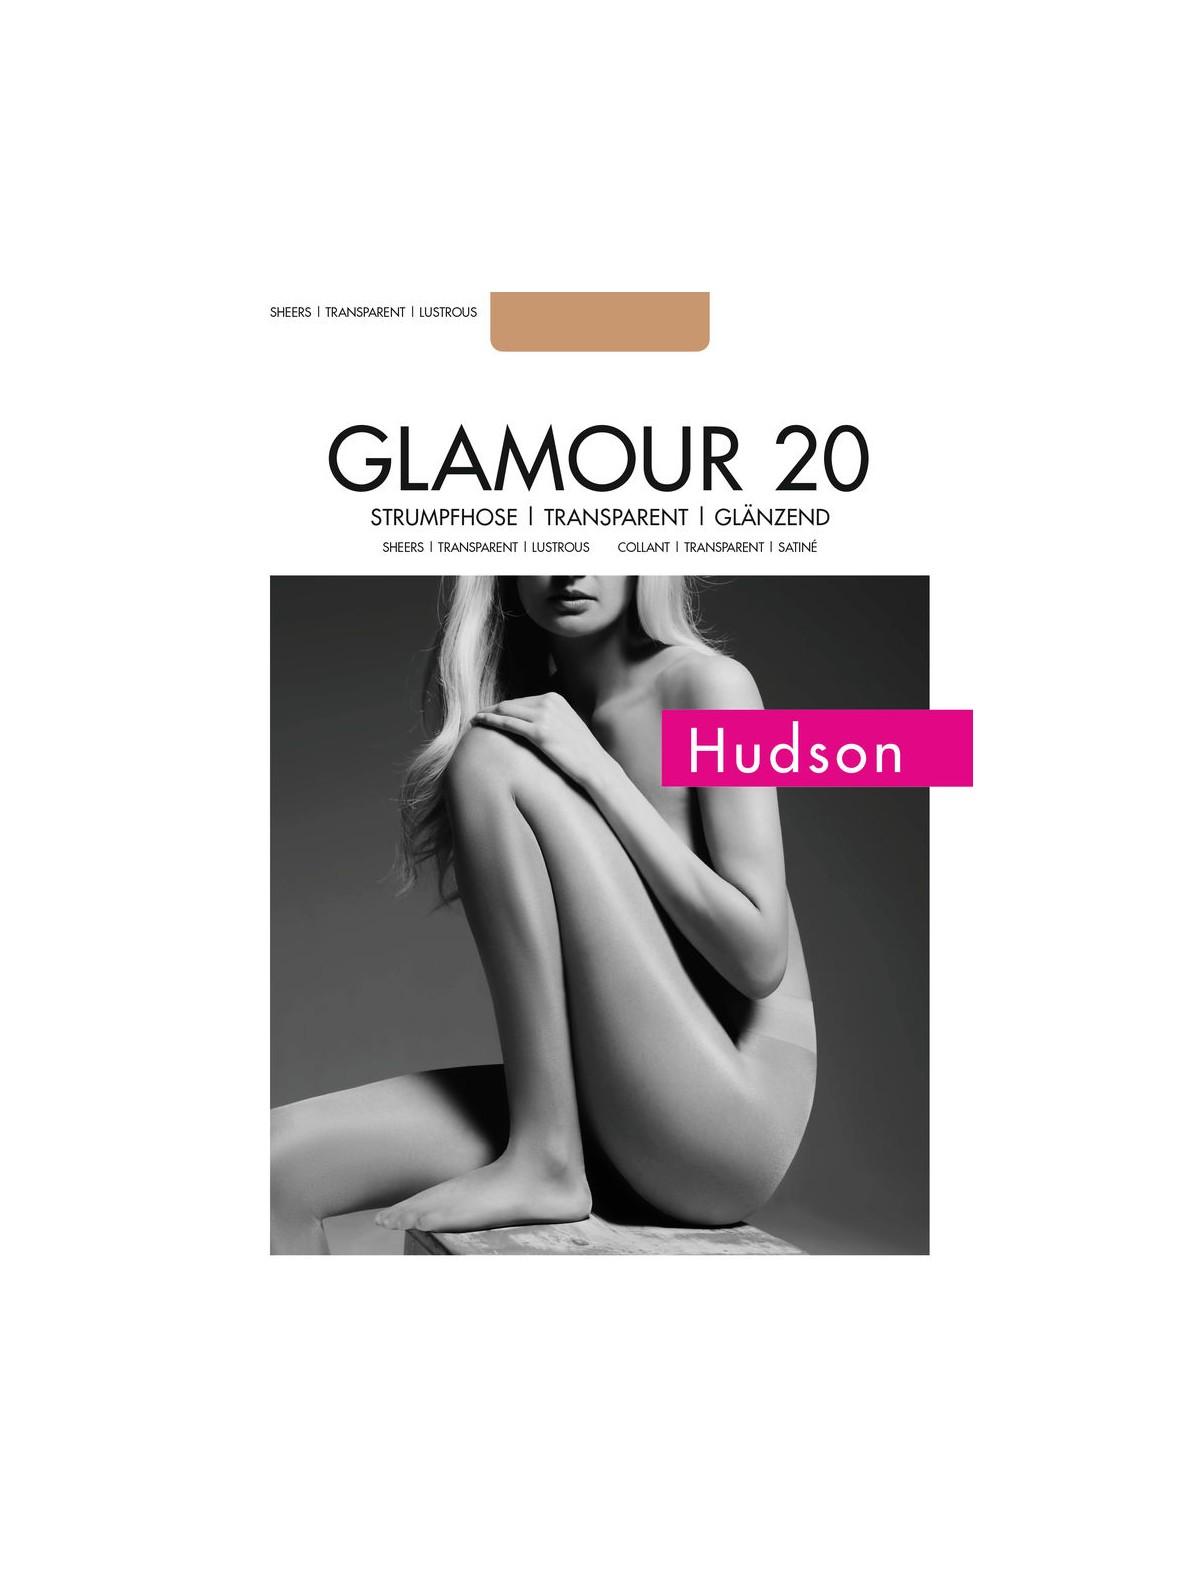 hudson glamour pantyhose